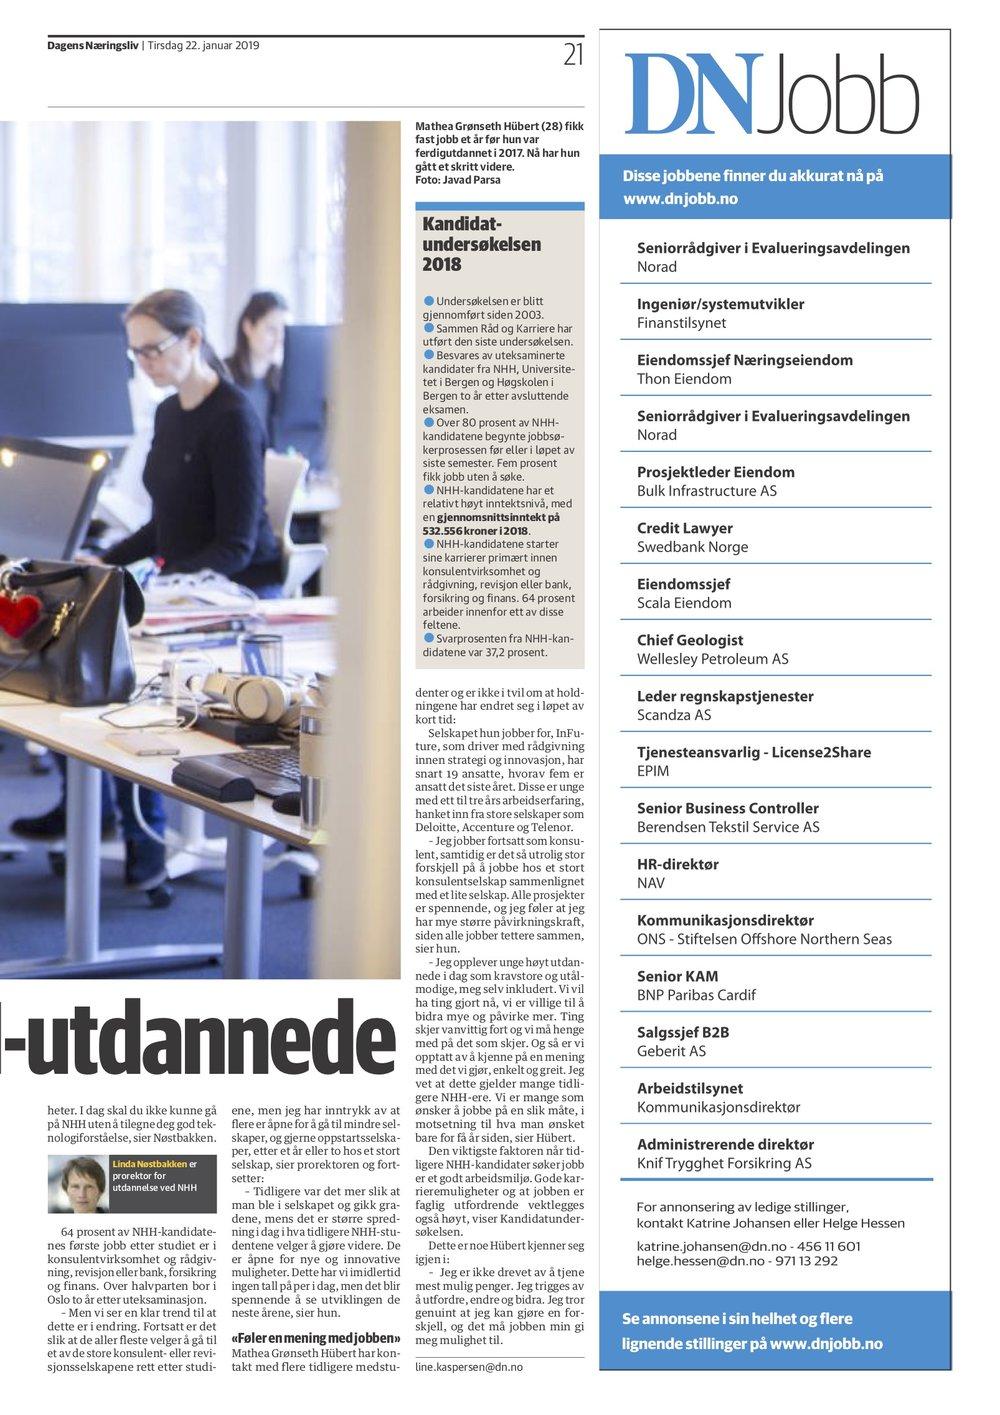 2019-01-22_Dagens_Naeringsliv_22-01-19_print (2).jpg